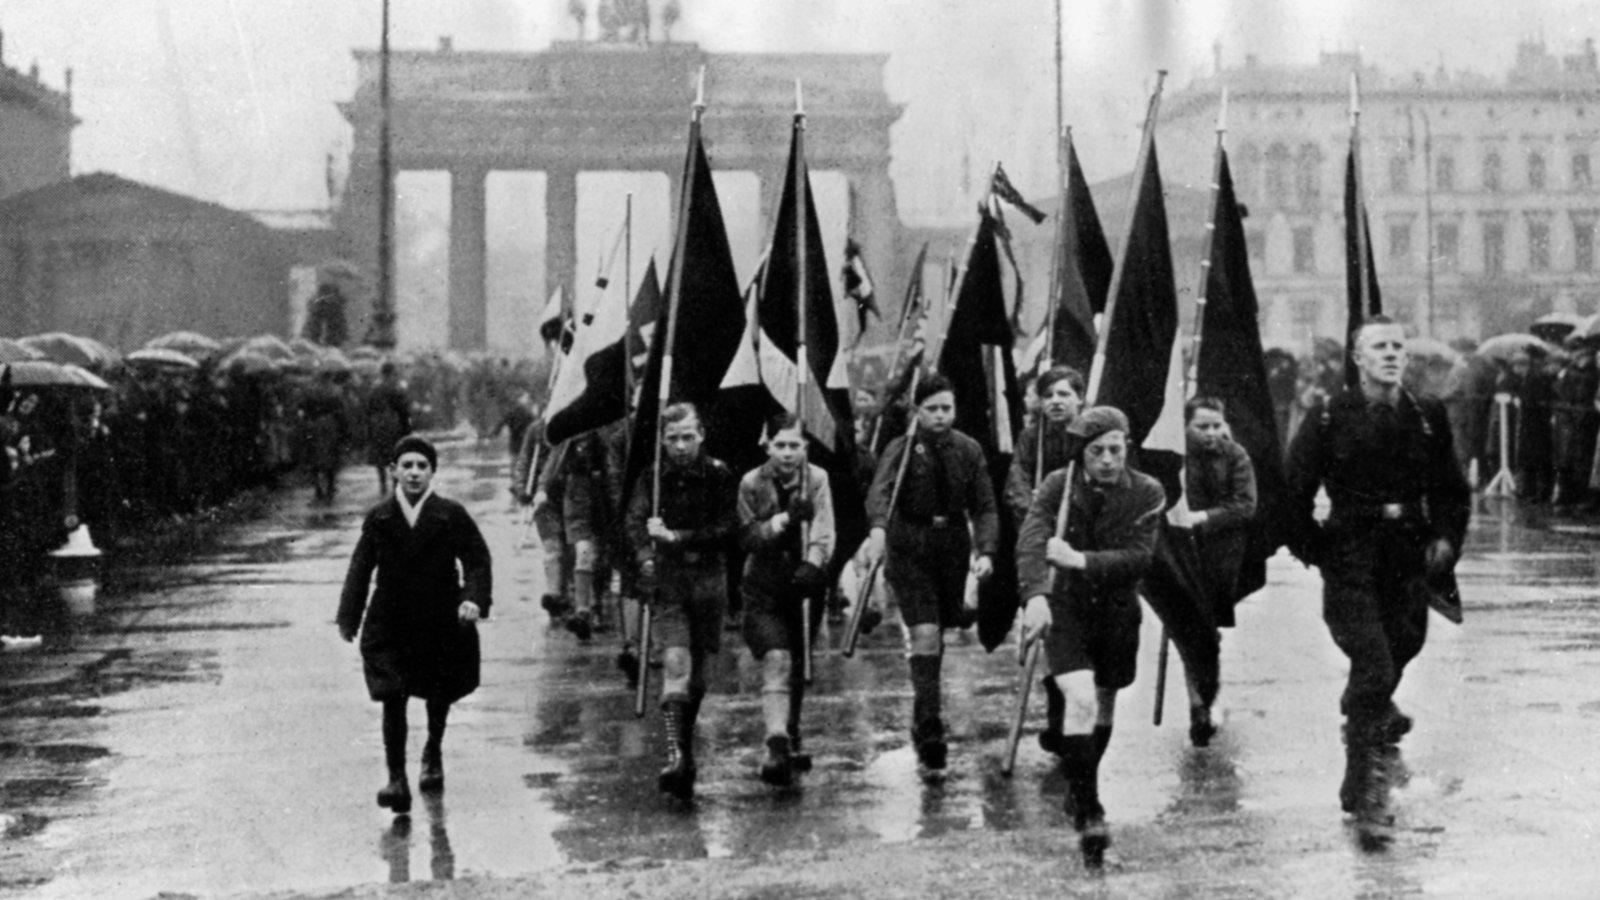 Kindheit im Zweiten Weltkrieg: Kindheit unter Hitler ...